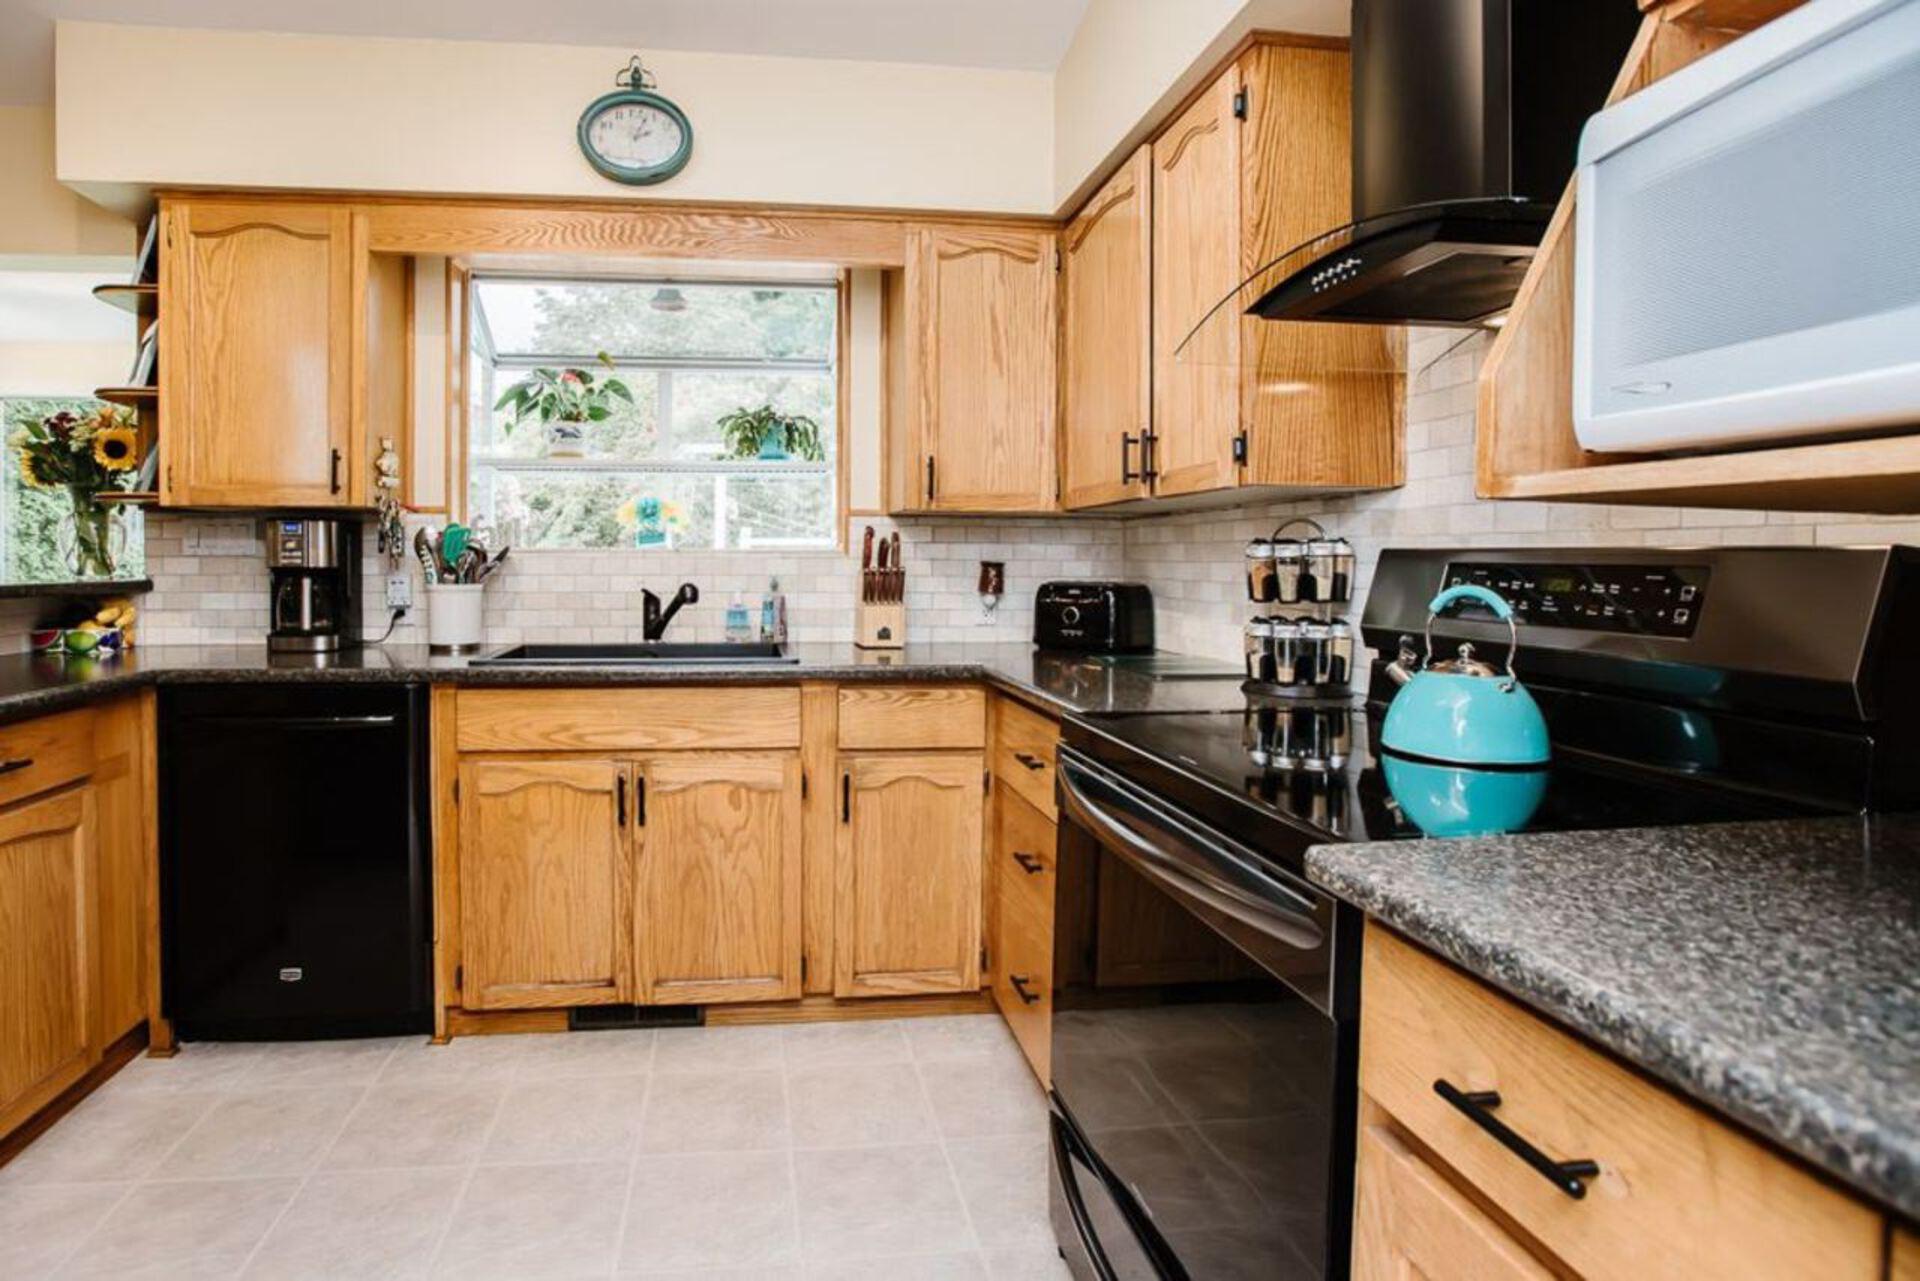 21519-122-avenue-west-central-maple-ridge-09 at 21519 122 Avenue, West Central, Maple Ridge